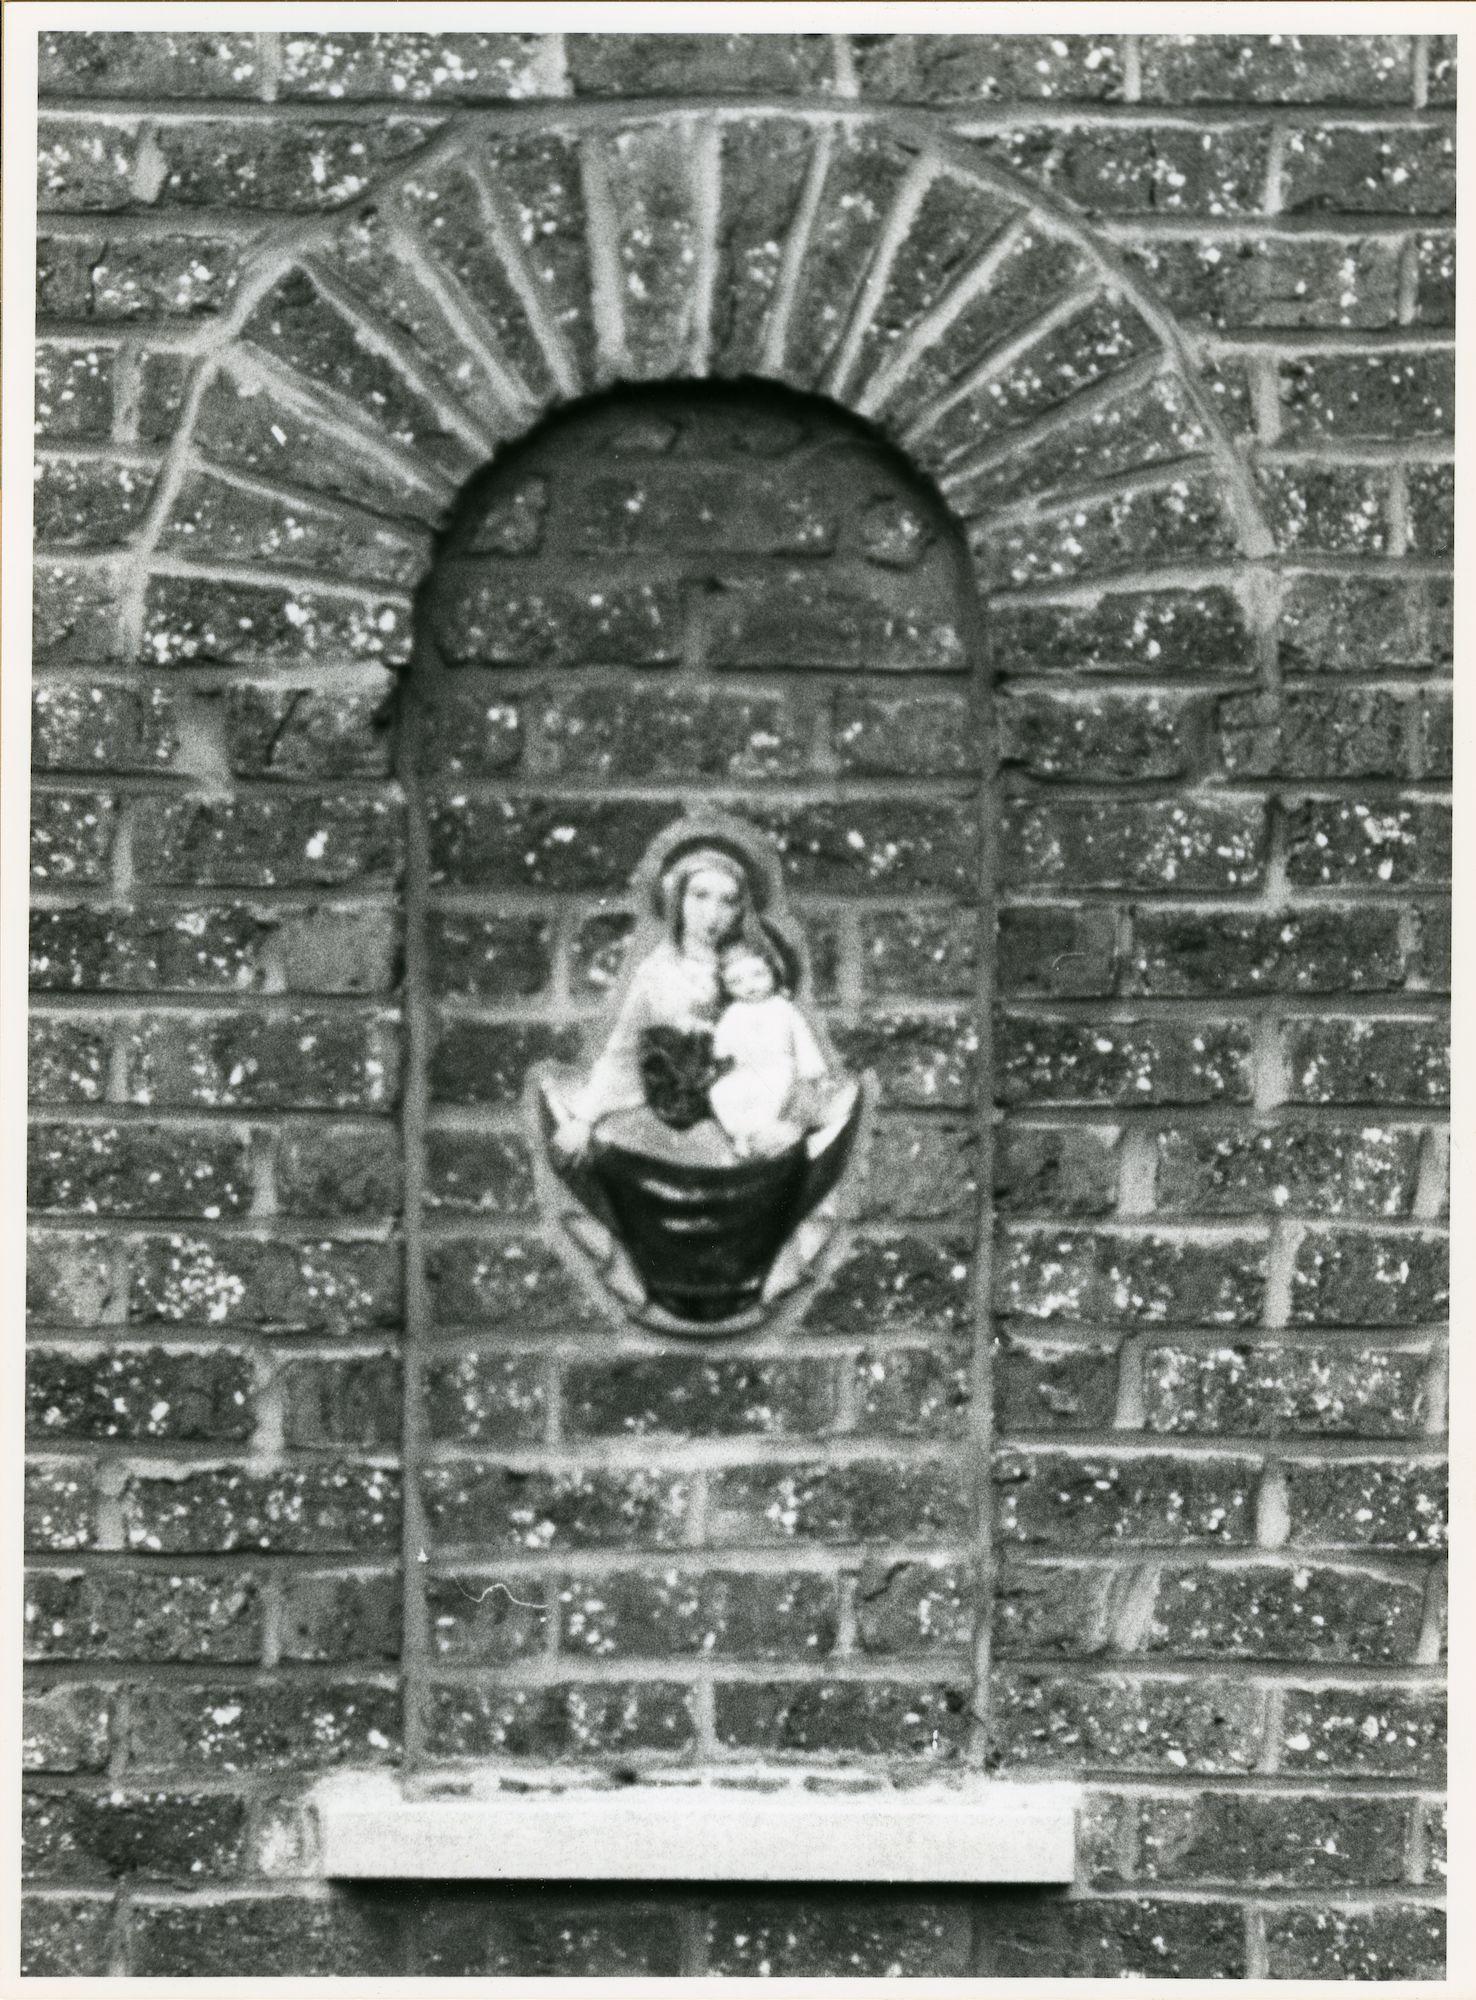 Mariakerke: René Van De Puttestraat 11: Beeldhouwwerk, 1979